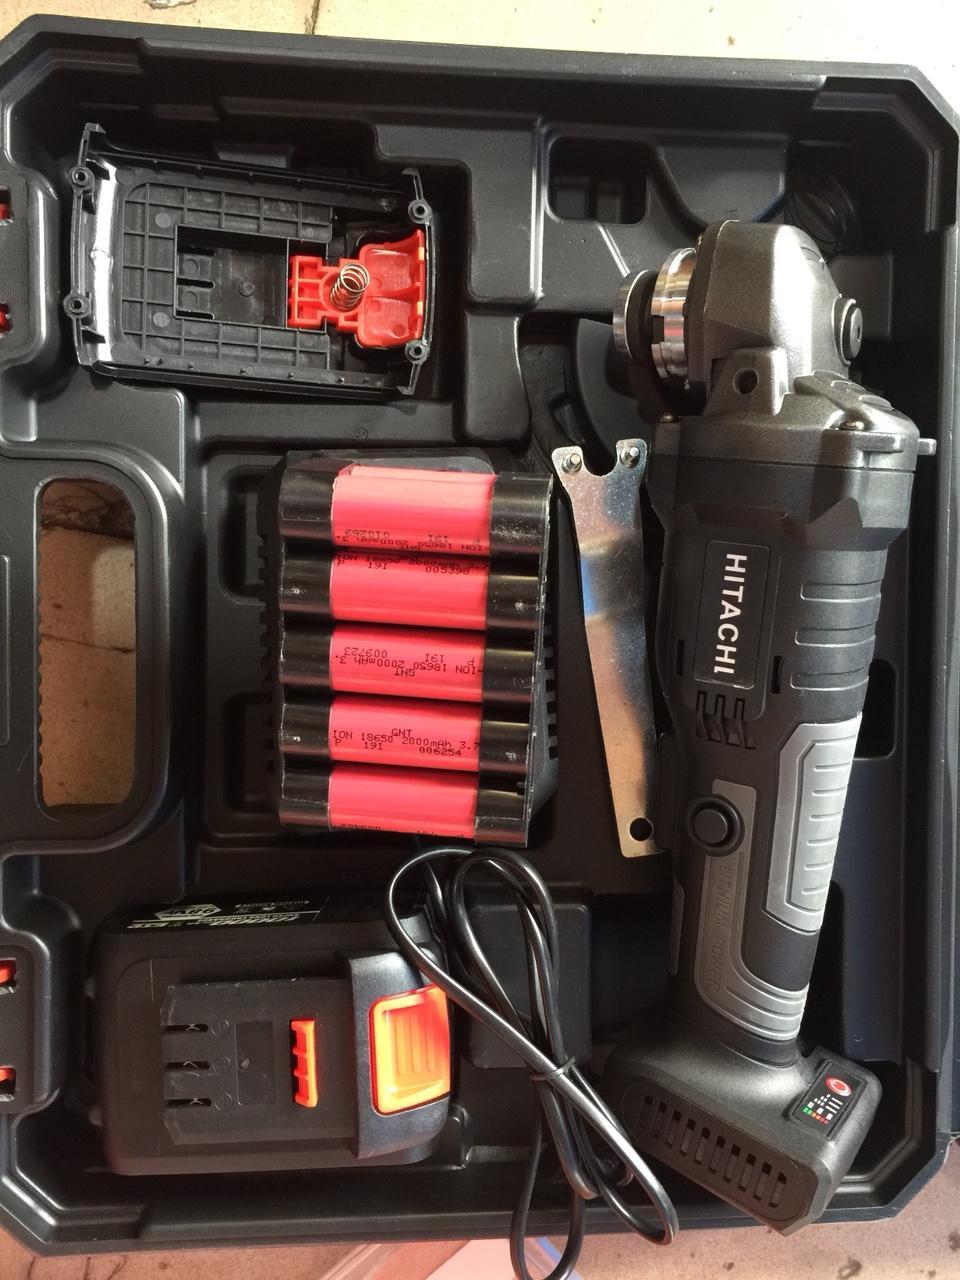 Máy khoan pin không chổi than makita 21v- điện áp 21v, dung lượng 5.0ah -  Sắp xếp theo liên quan sản phẩm